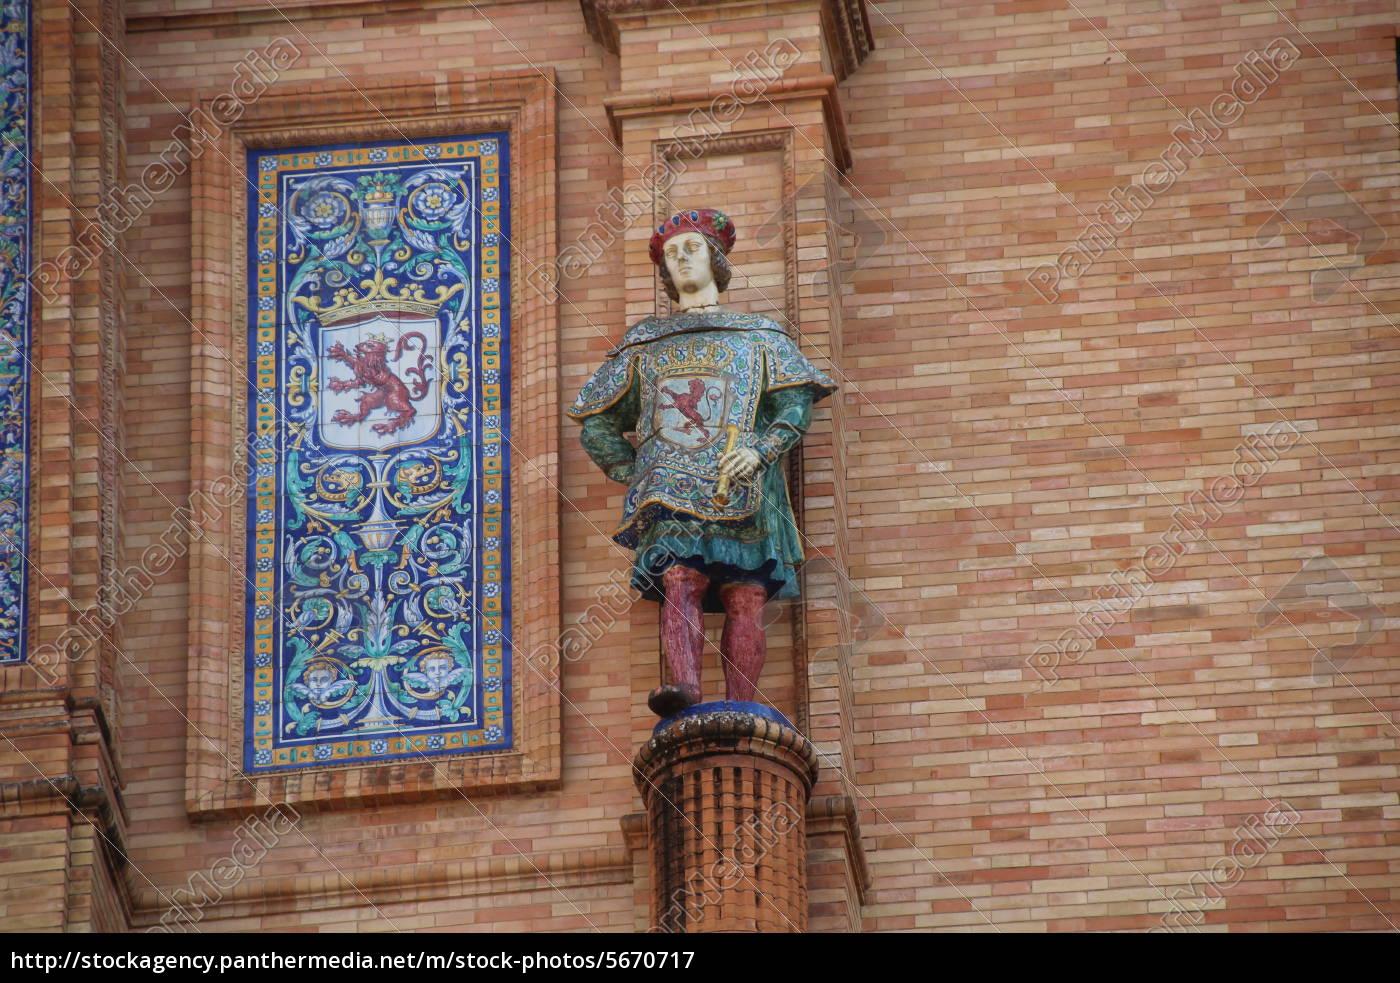 statue, -, plaze, de, espana, - - 5670717